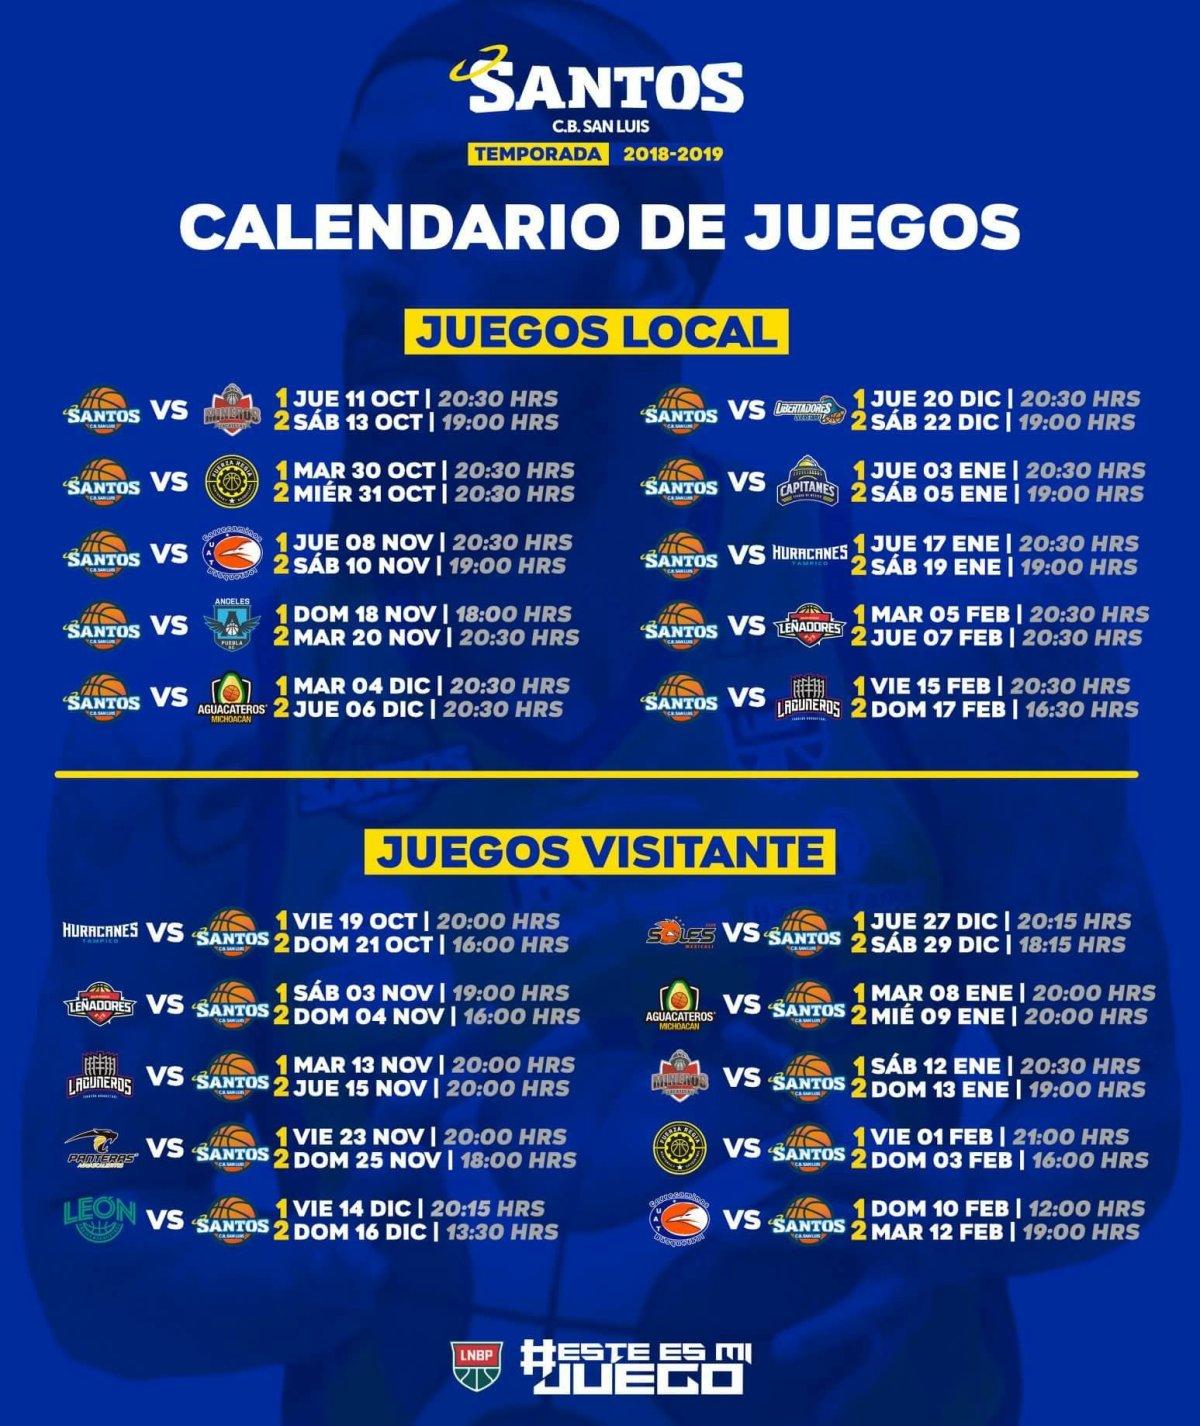 Calendario Santos.Cb Santos San Luis Presenta Su Calendario Para La Temporada 2018